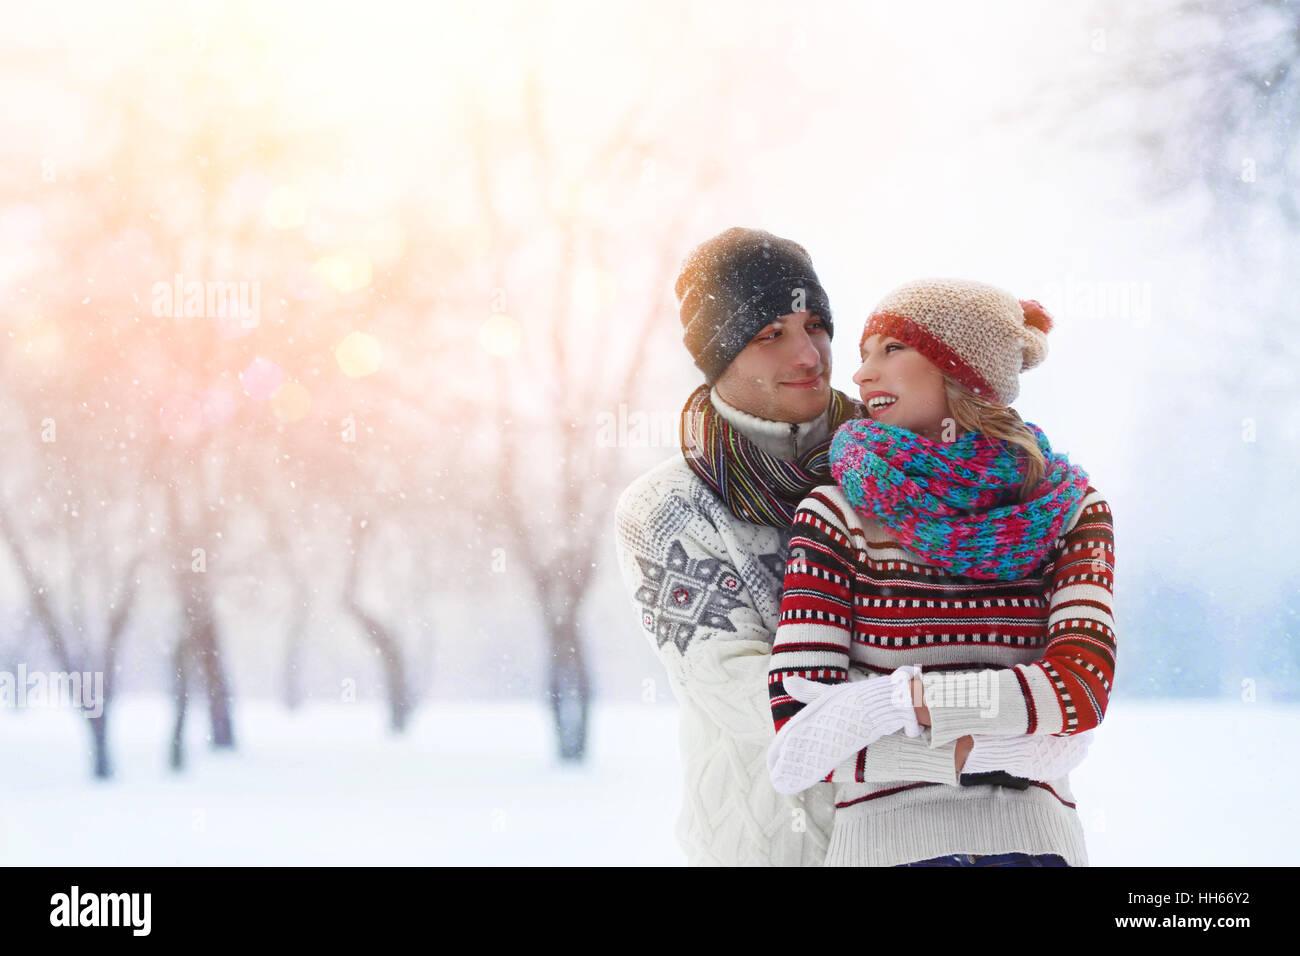 Inverno giovane. Coppia felice avendo divertimento all'aperto. Neve. Vacanza invernale. Outdoor . Immagini Stock